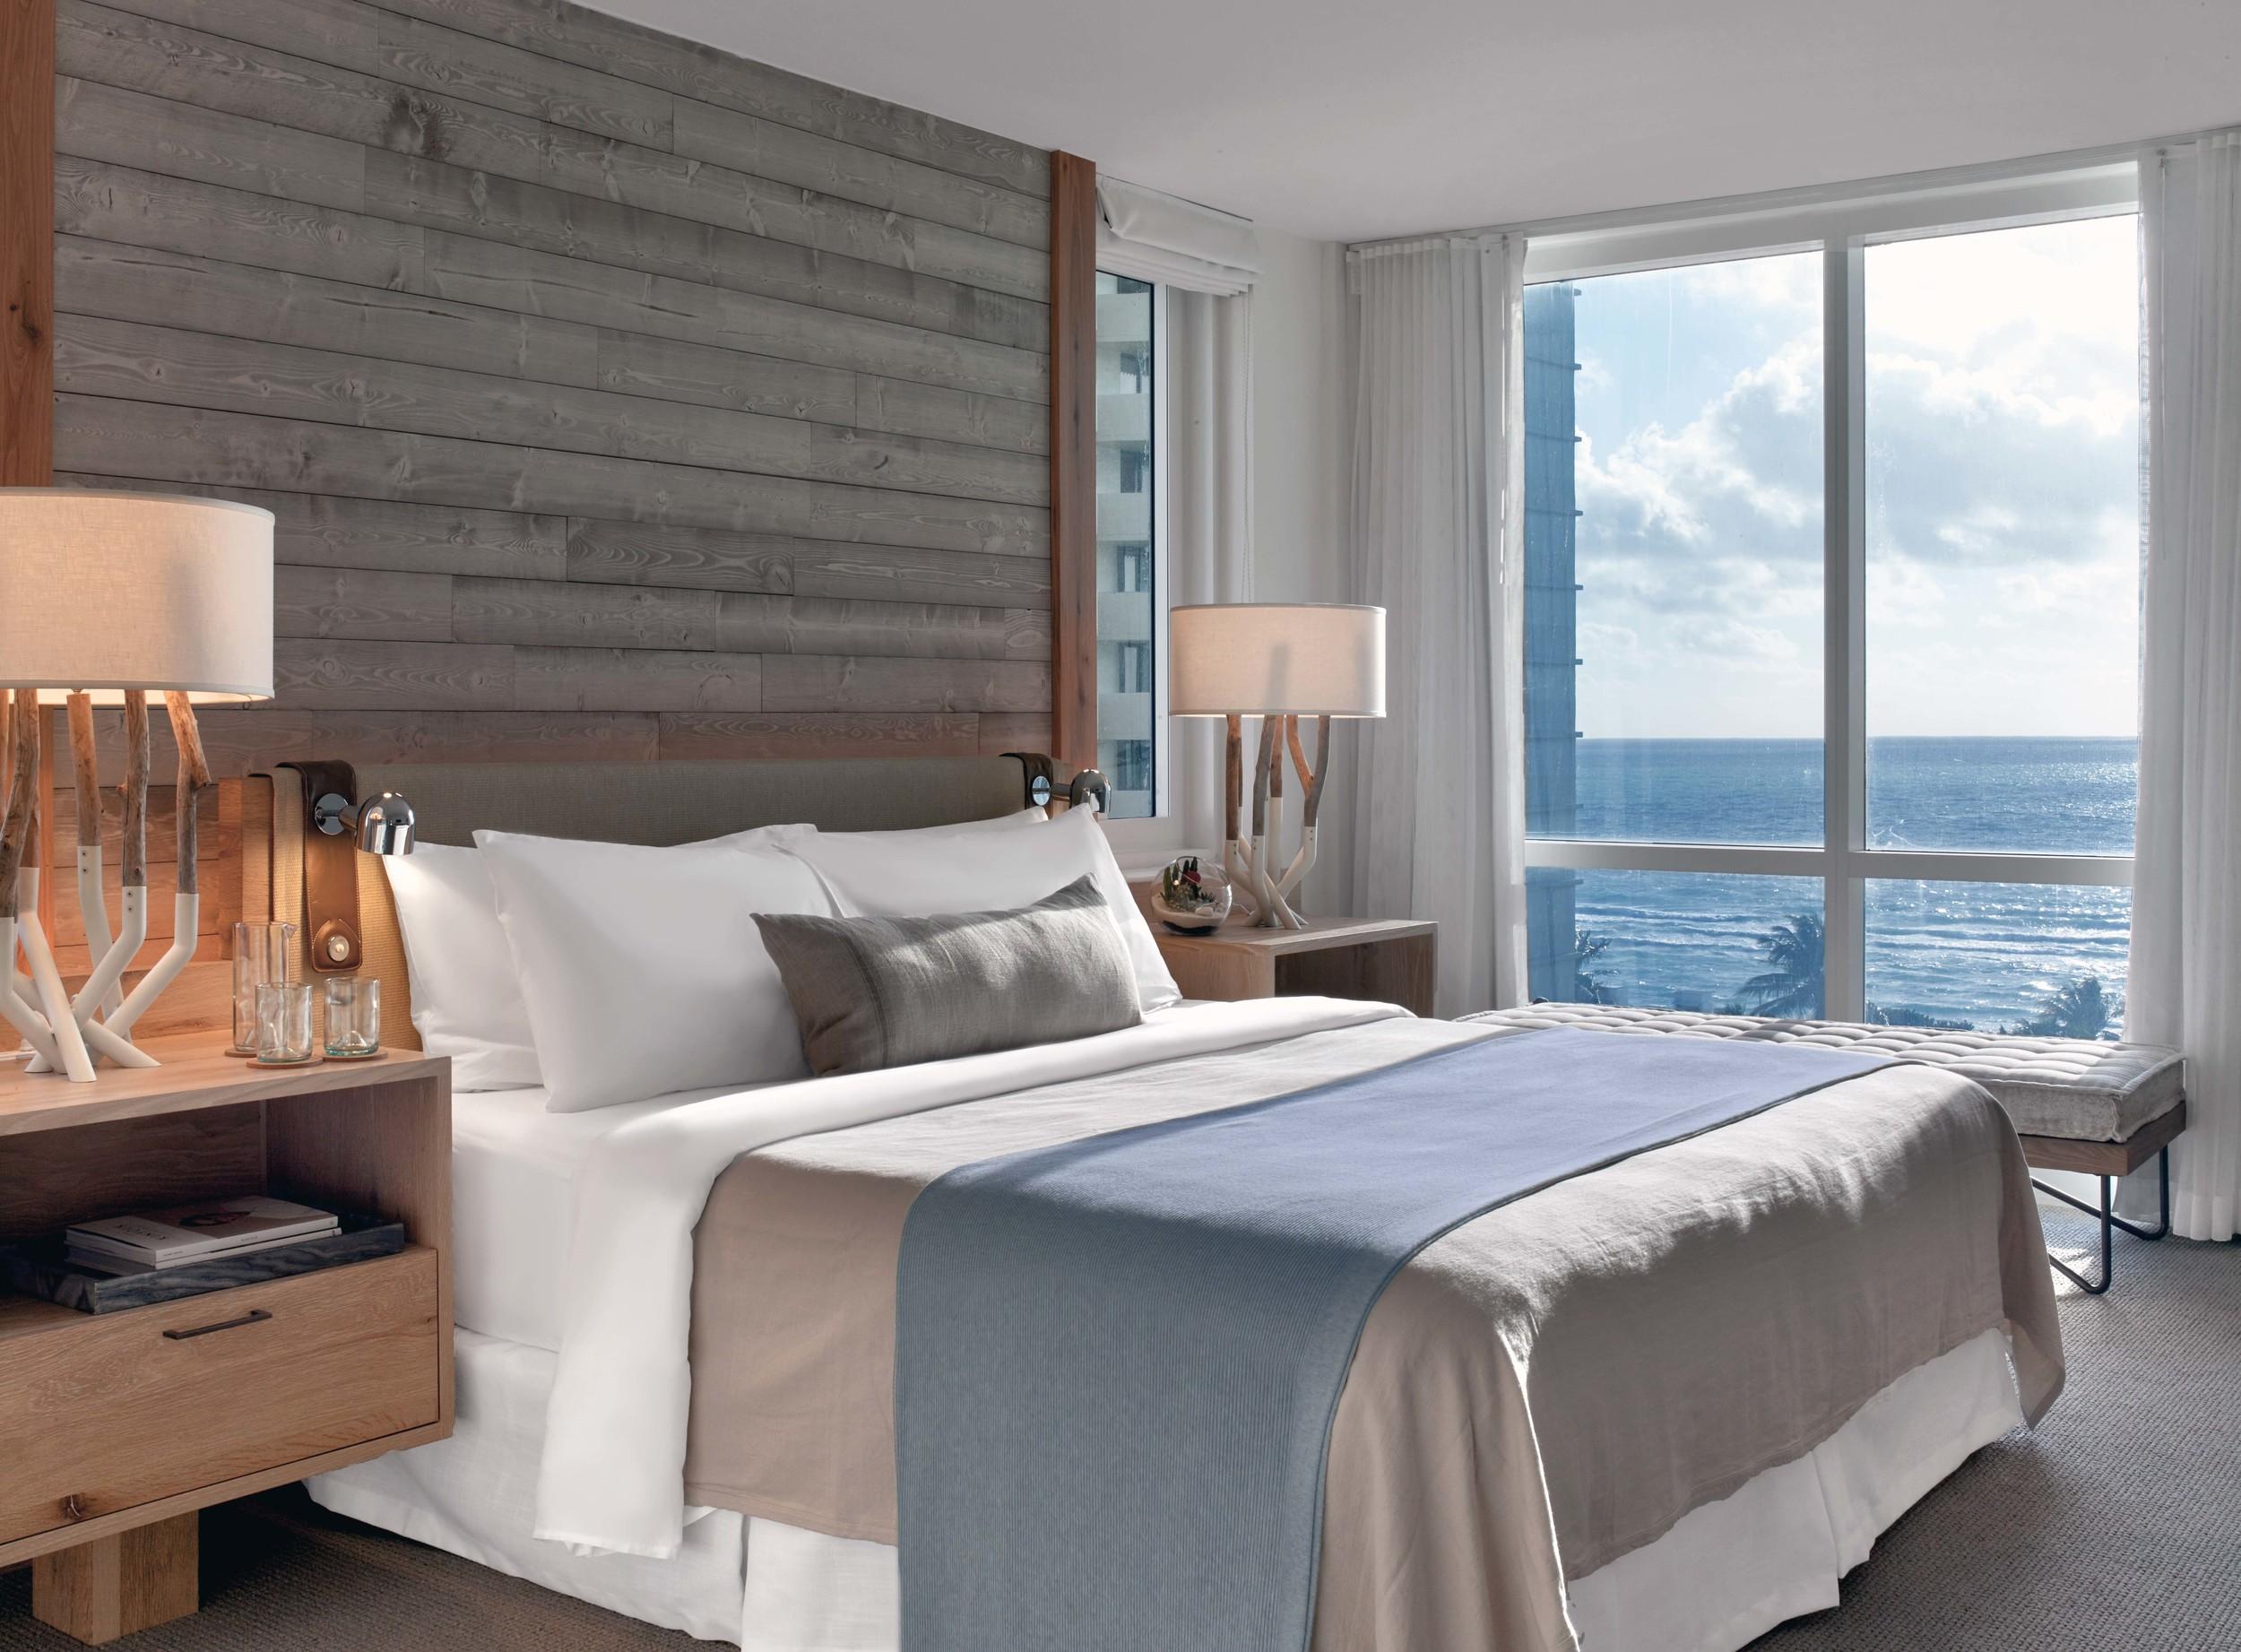 Room - Ocean View.jpg